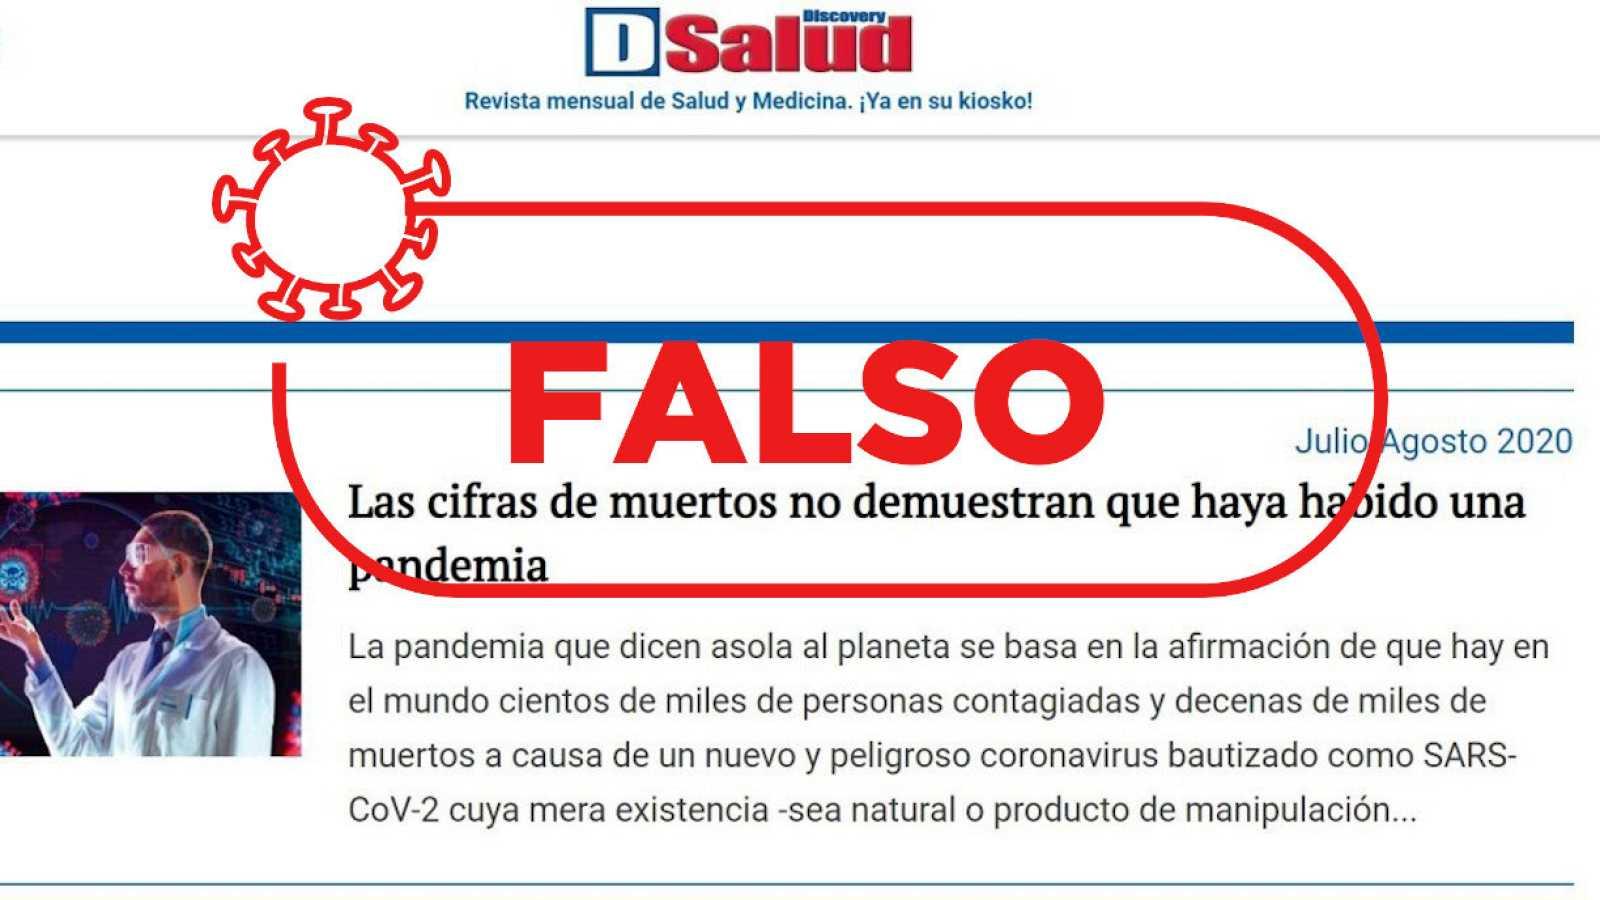 """Captura con un detalle de la revista Discovery Salud y el sello de Verifica RTVE con la palabra """"falso""""."""